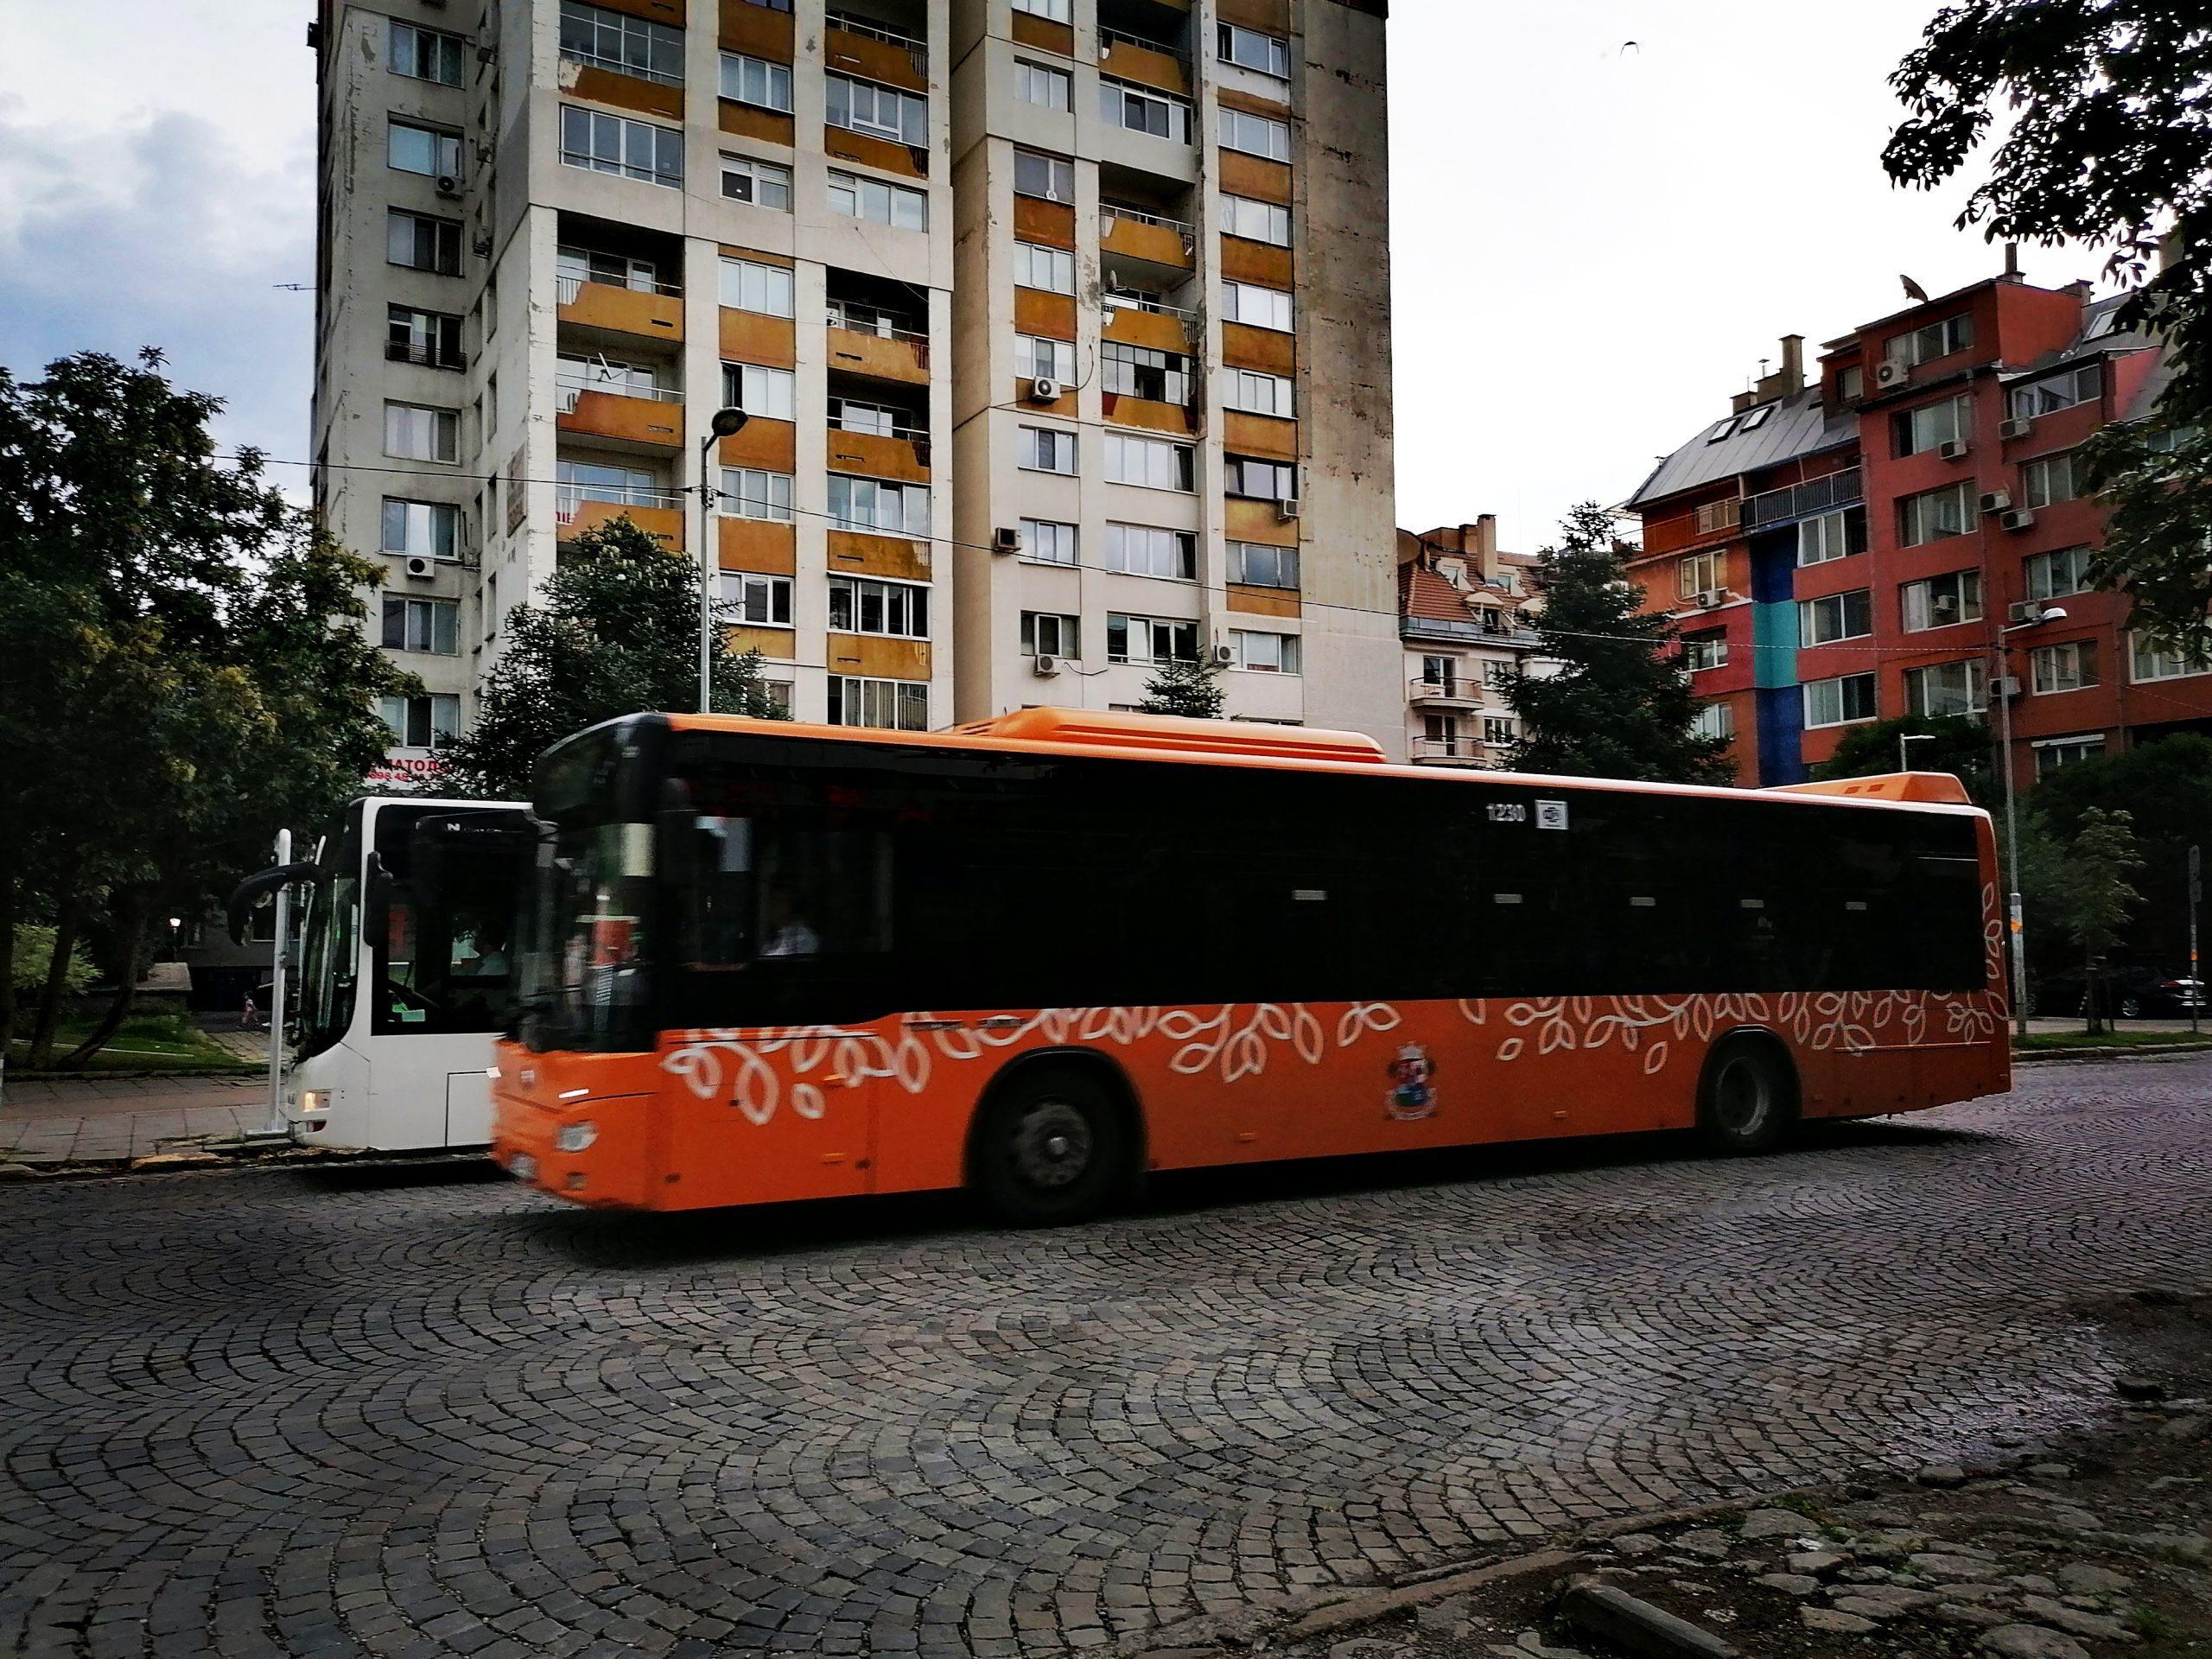 София: Закриват линии на МГТ, новото метро остава без довозващ транспорт